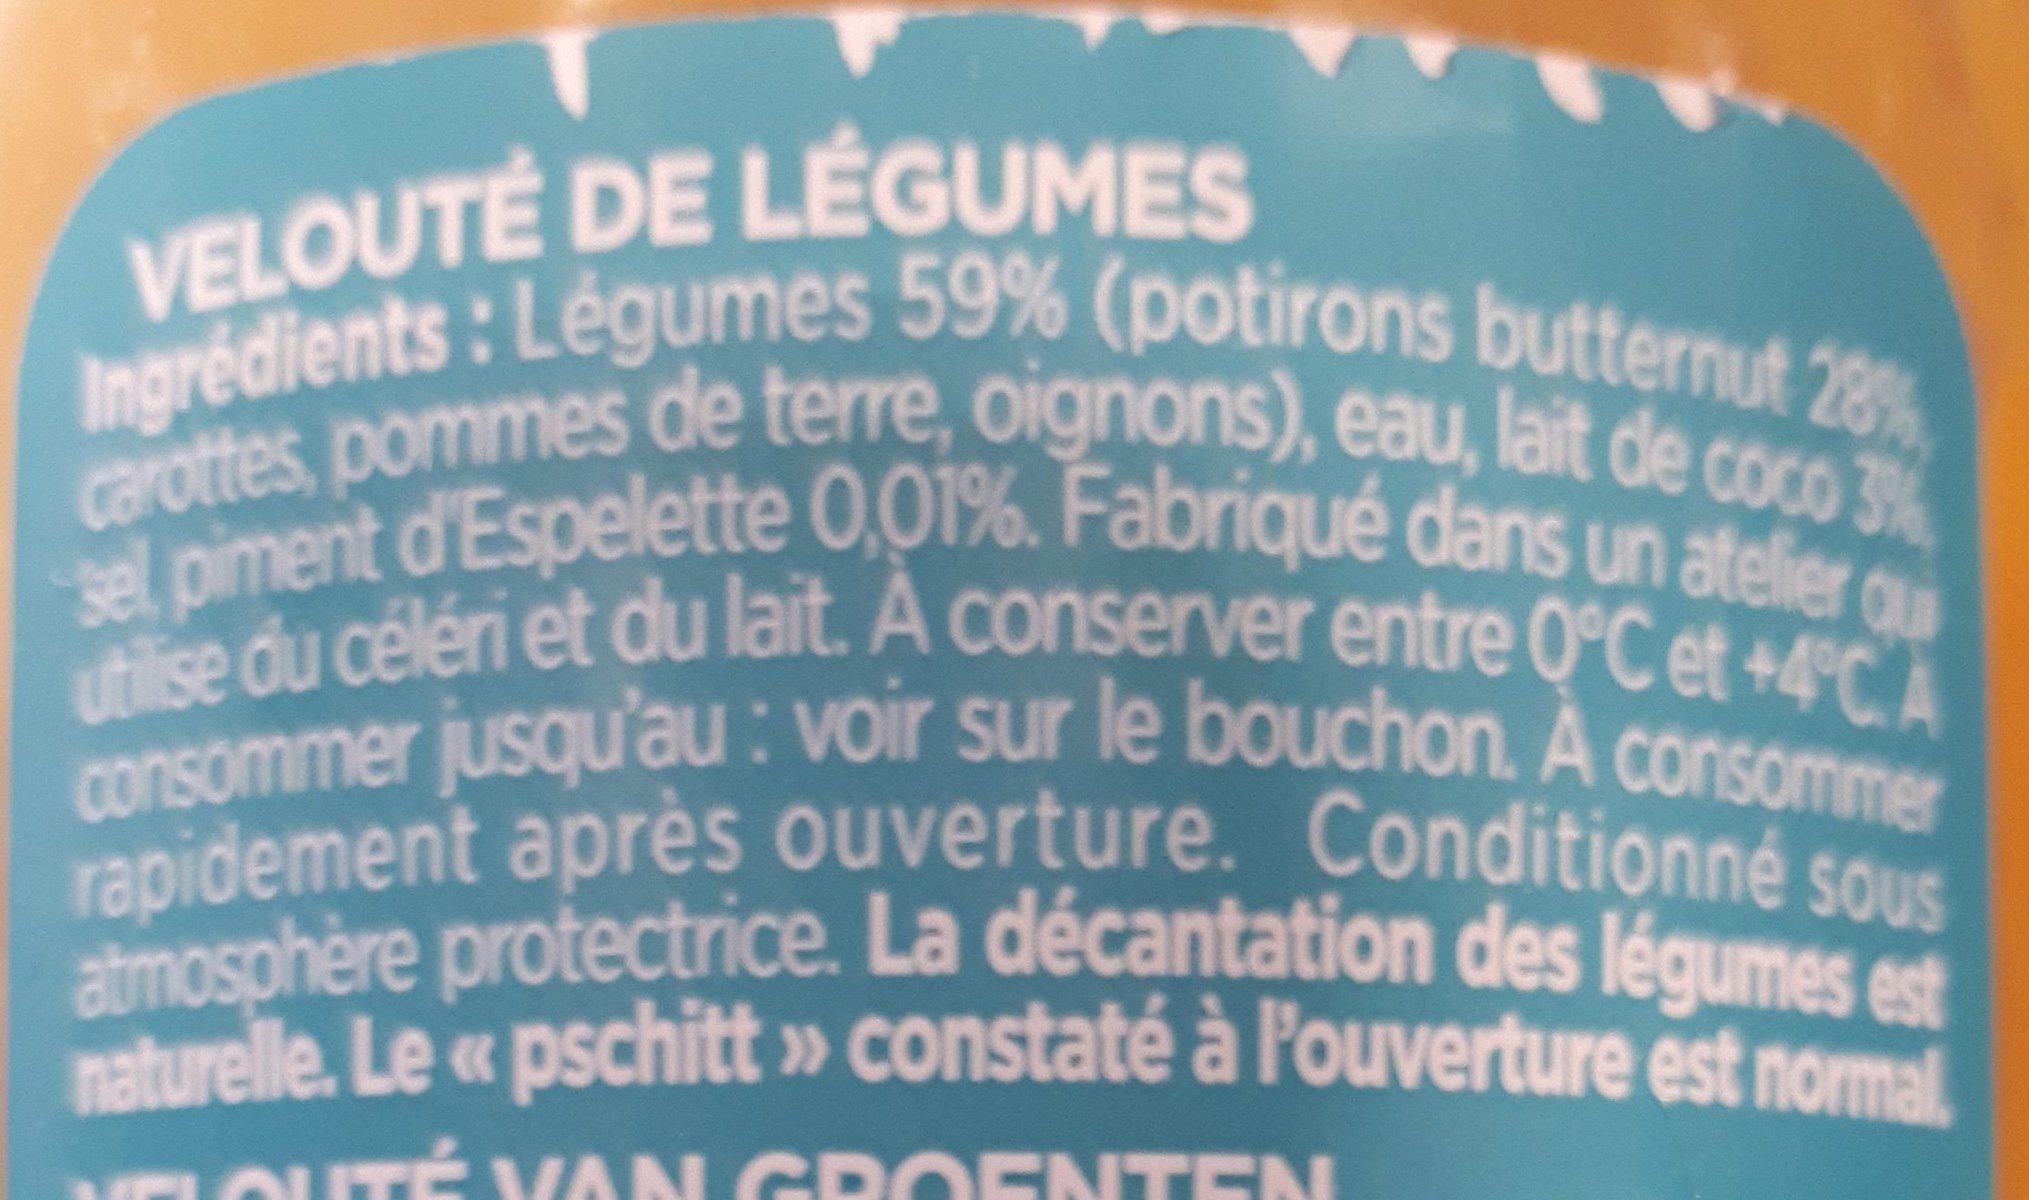 Velouté butternut au lait de coco et au piment d'Espelette - Ingrédients - fr